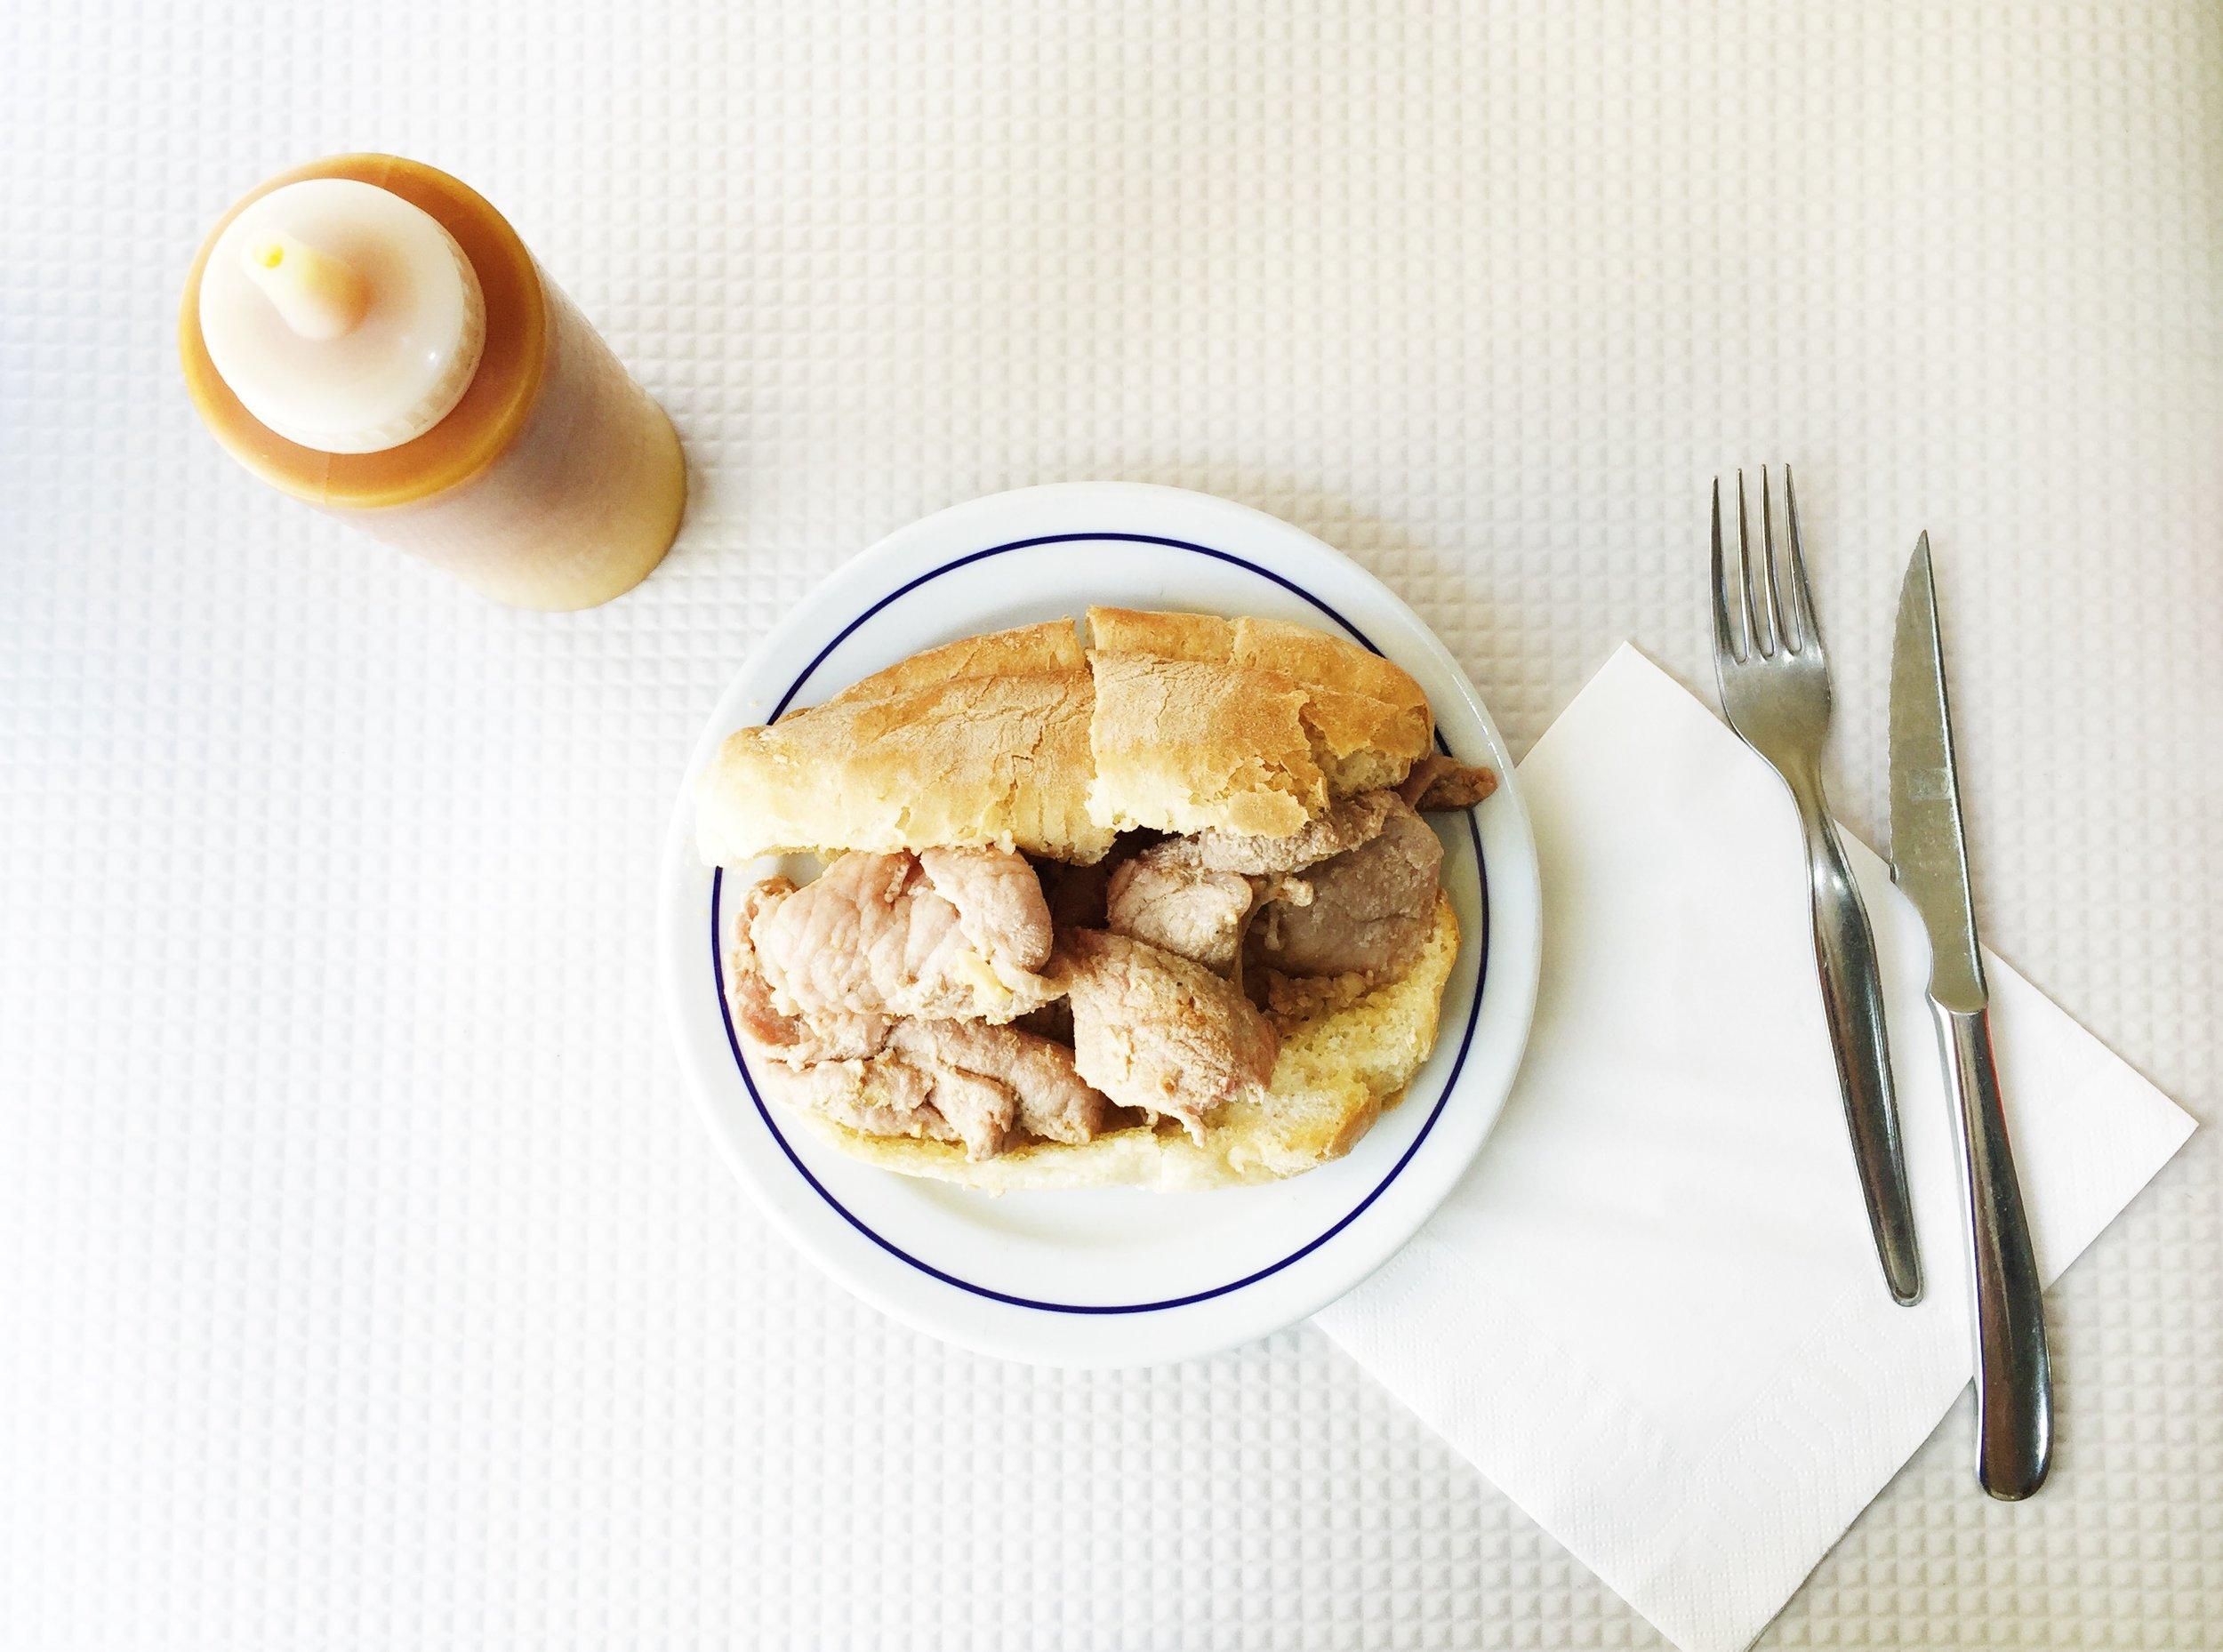 Prego at  Cafe Beira Gare  (Baixa)